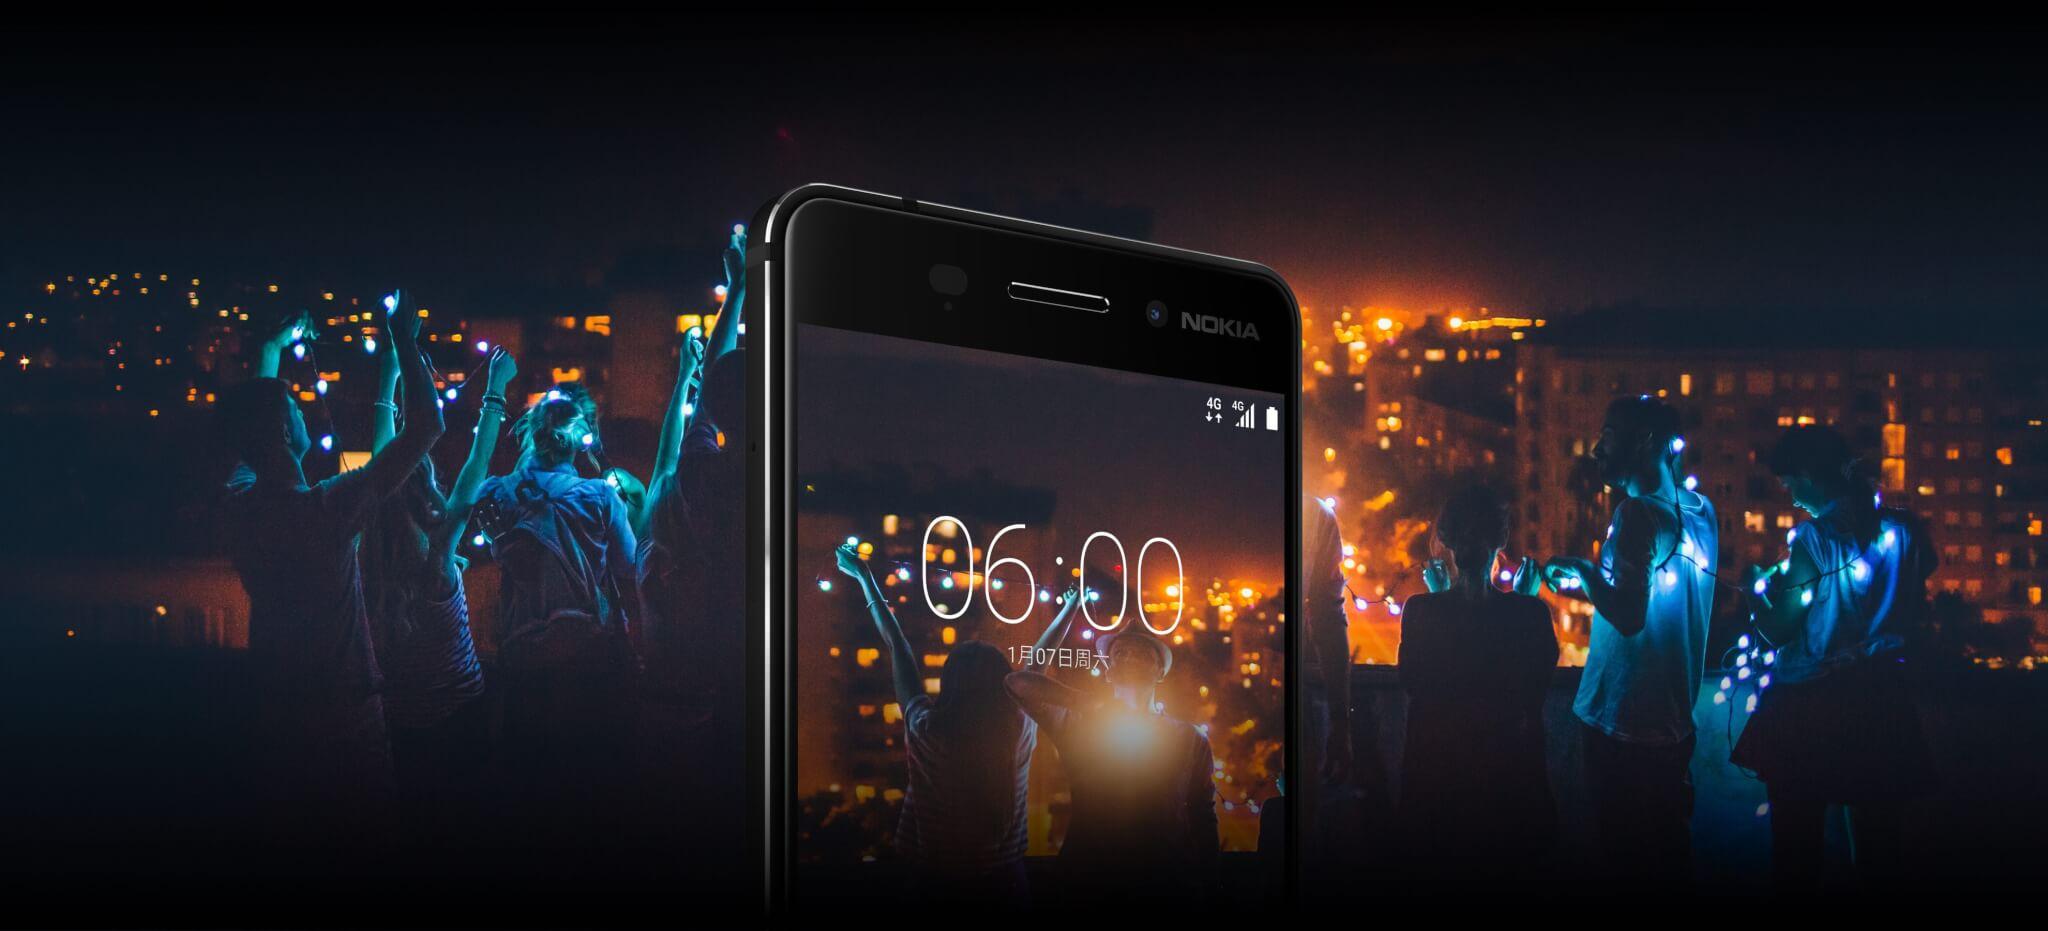 MWC 2017 Nokia